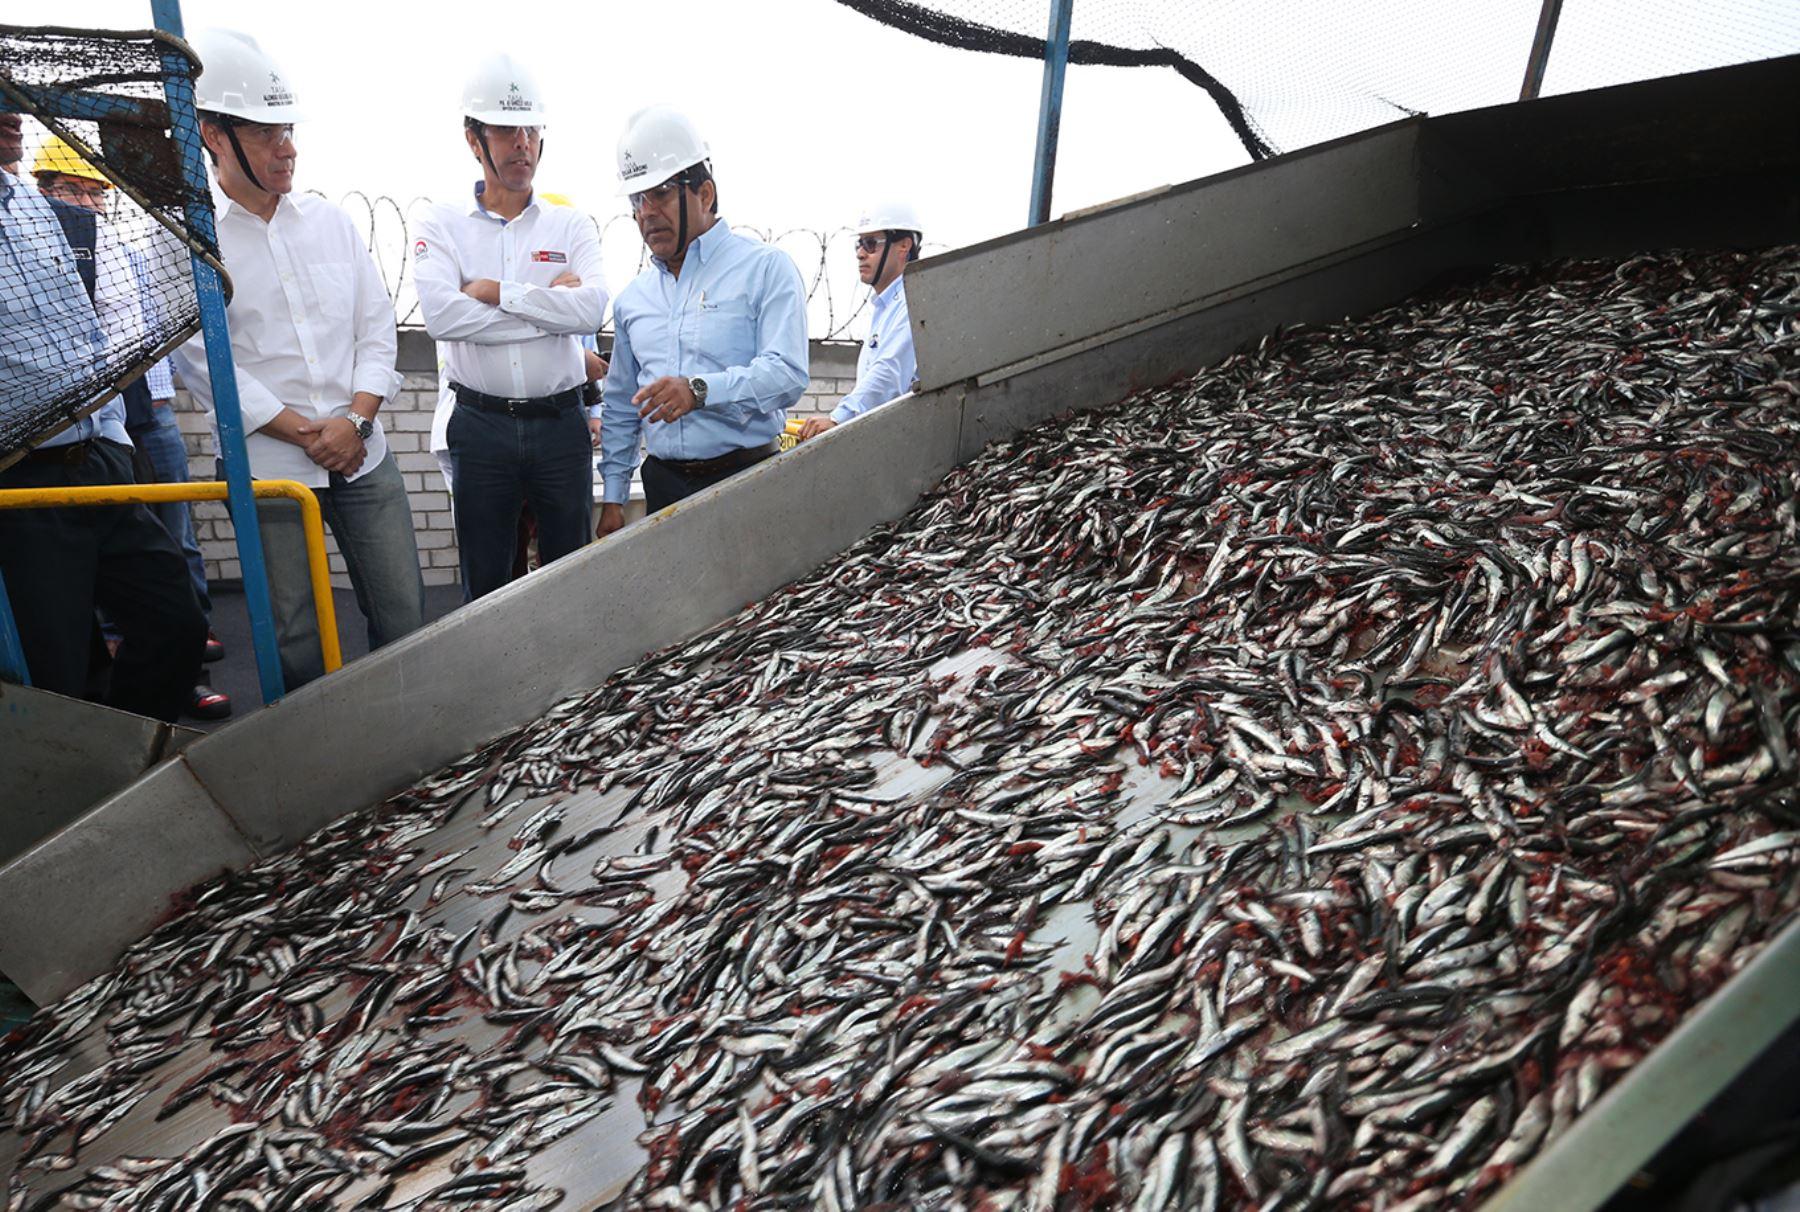 Pesca de anchoveta un reporte a medida de la industria for Ministerio de pesqueria